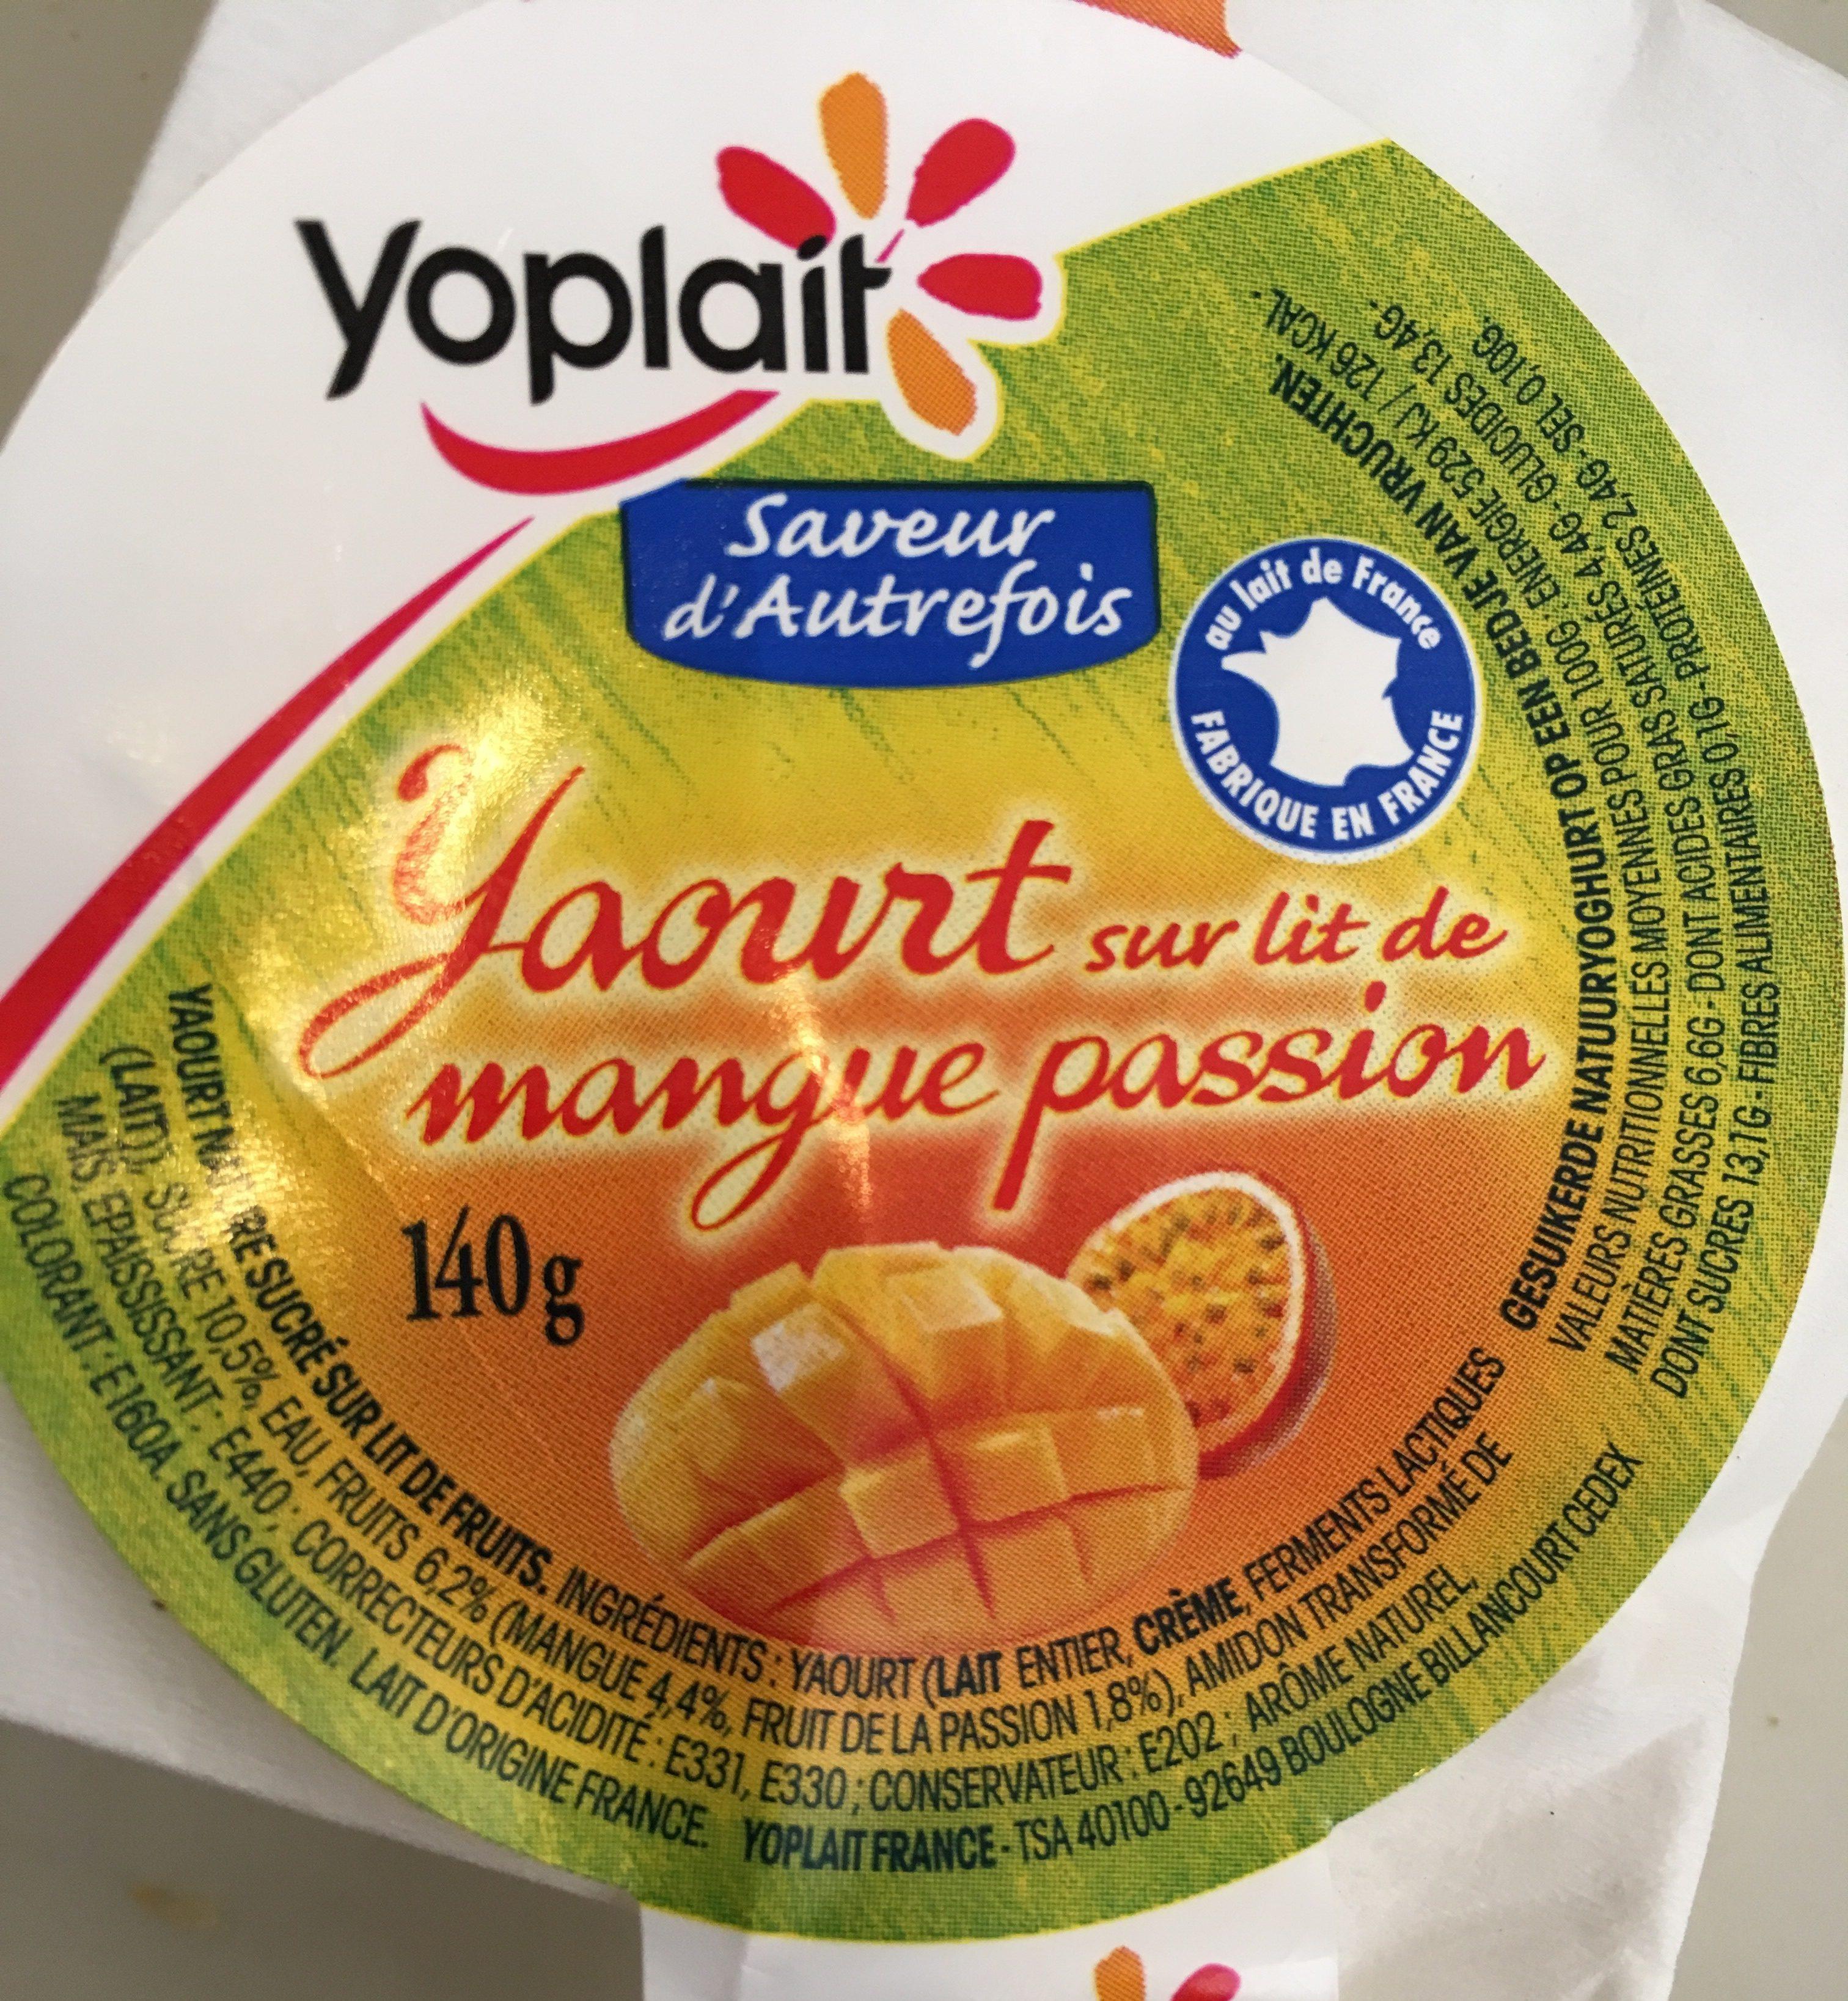 Yaourt nature sucré sur lit de fruits, aromatisé. - Ingredientes - fr